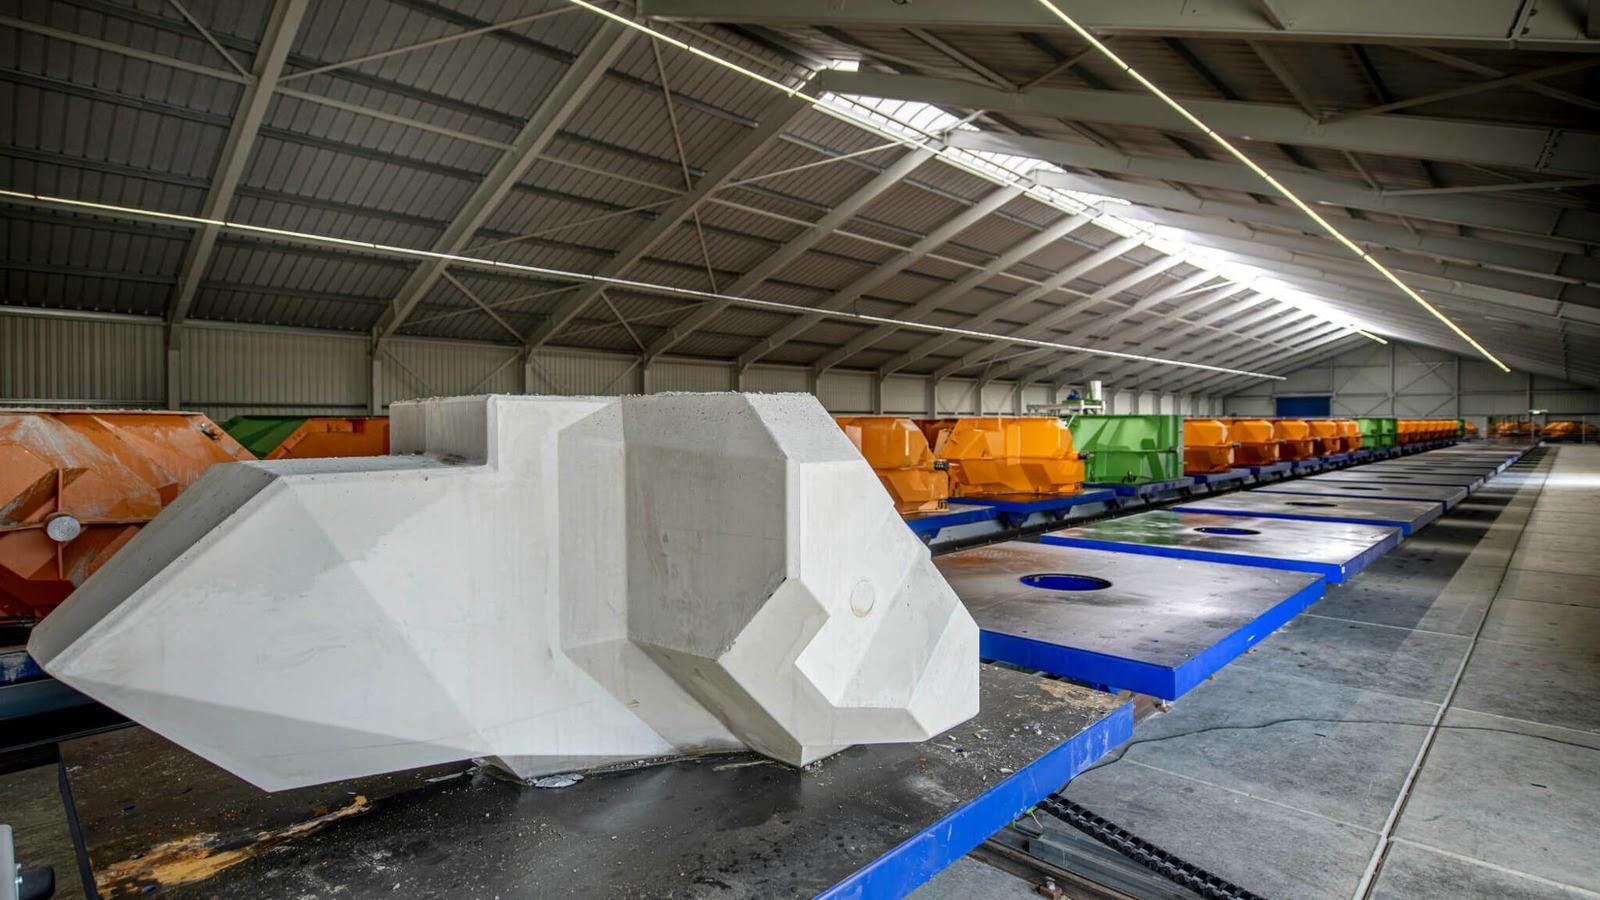 Элемент волнореза и формы для их изготовления. Фото Rijkswaterstaat.